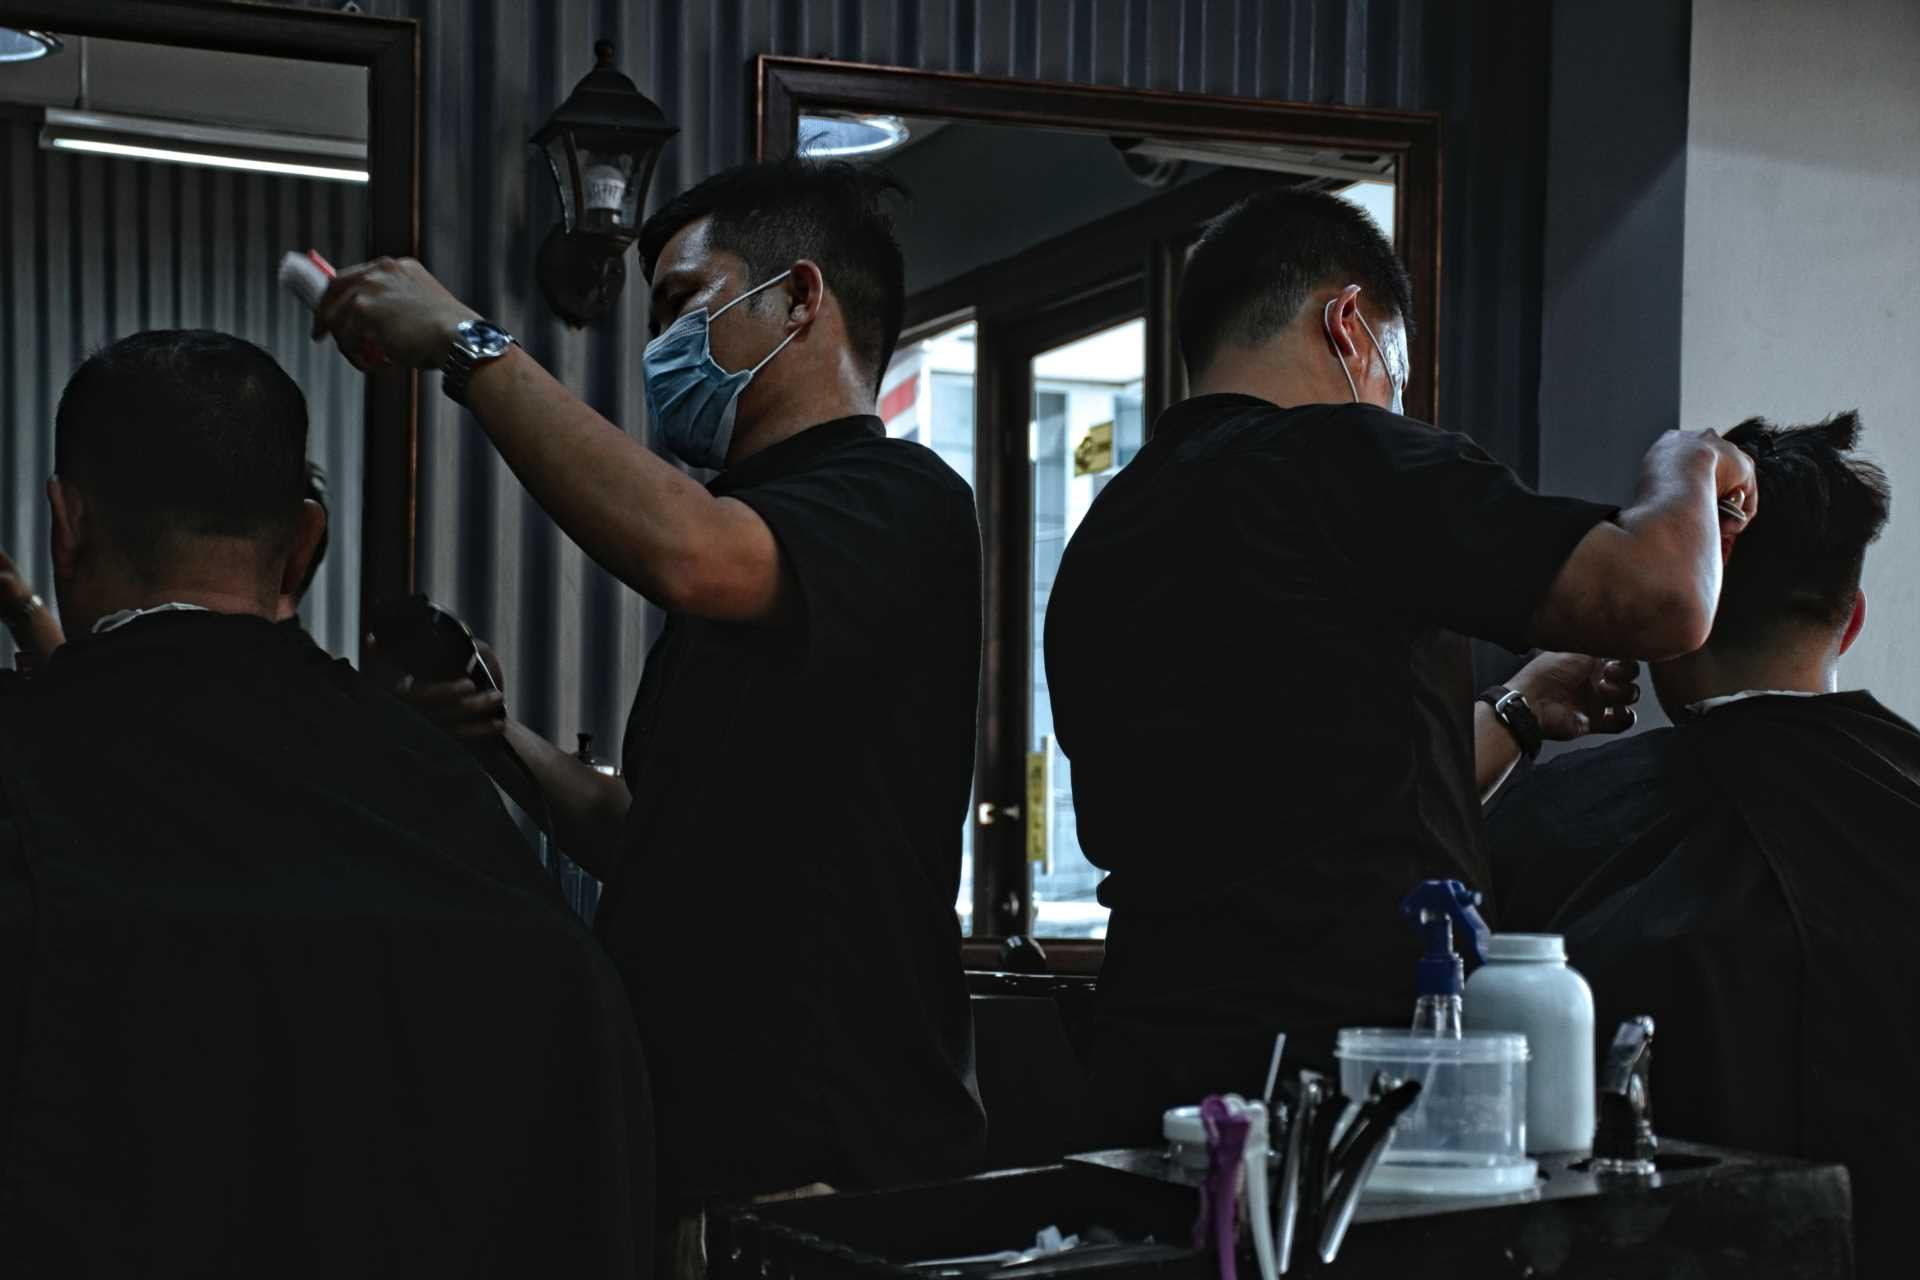 Hair We Go – The Lockdown Hairstyles Making Headlines in Milton Keynes